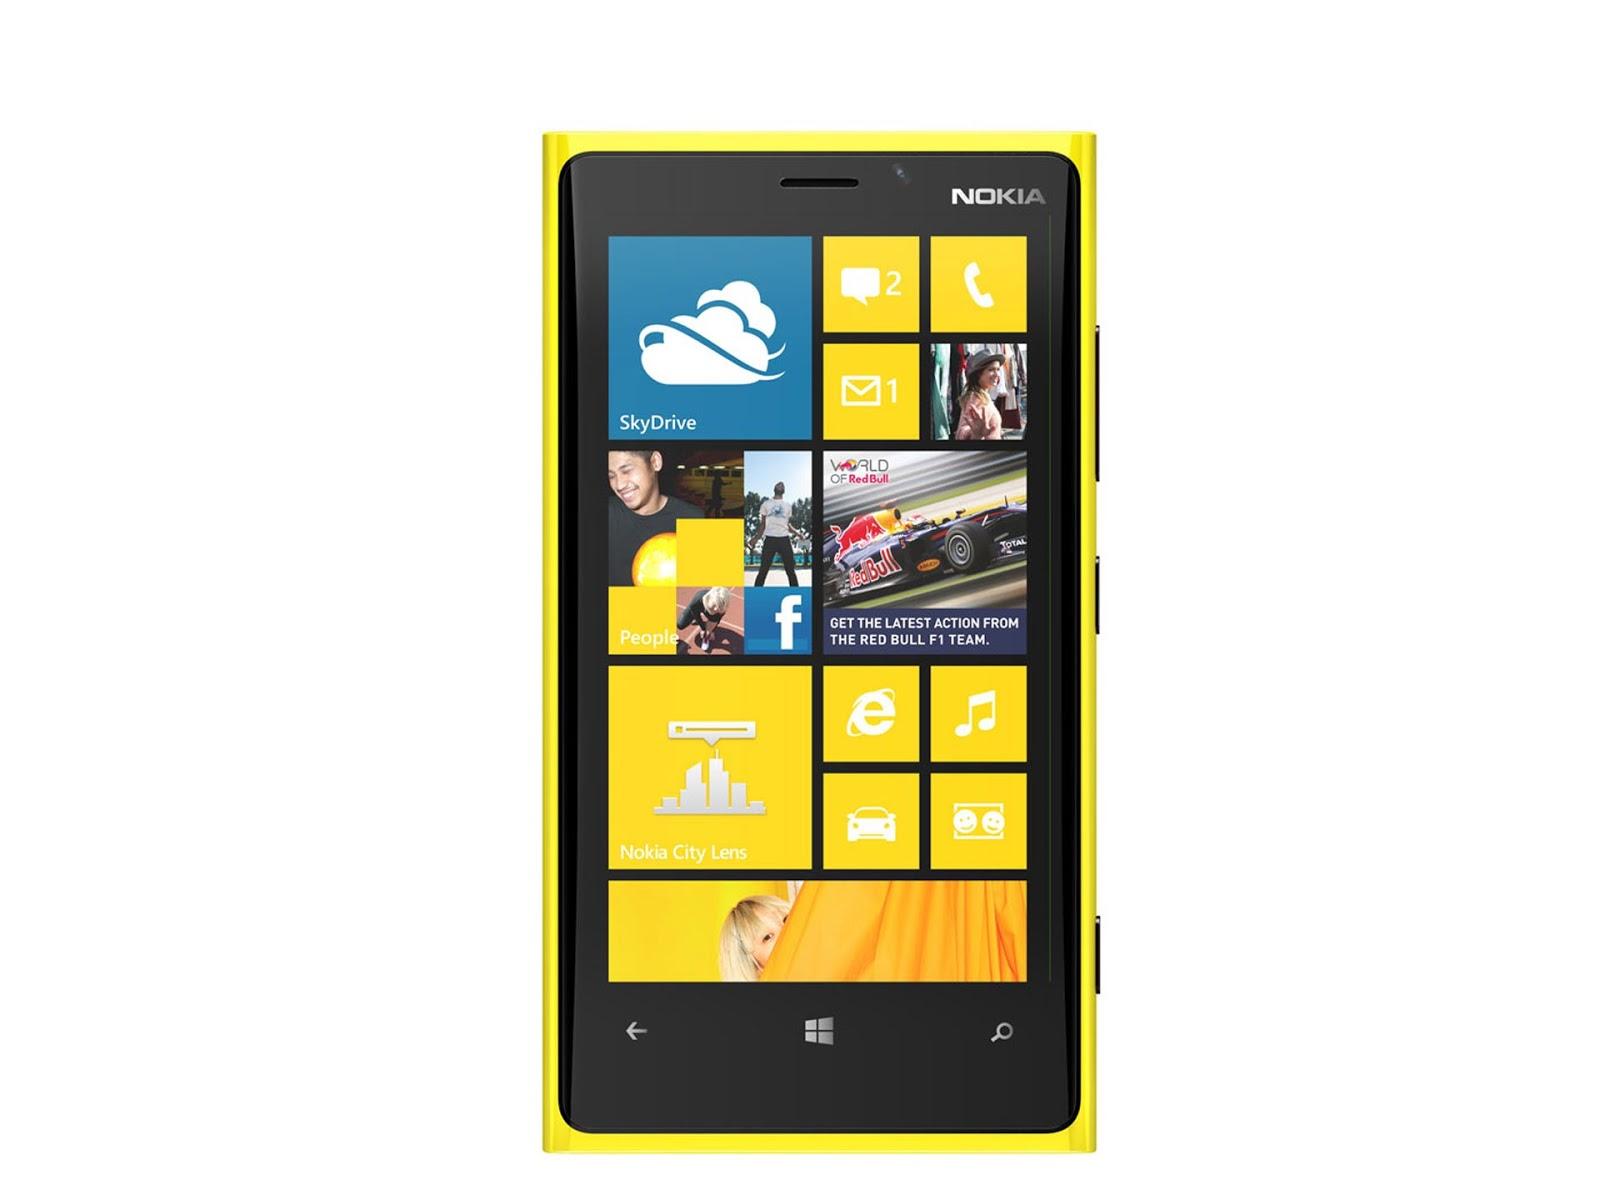 wallpaper nokia lumia 920 - photo #5